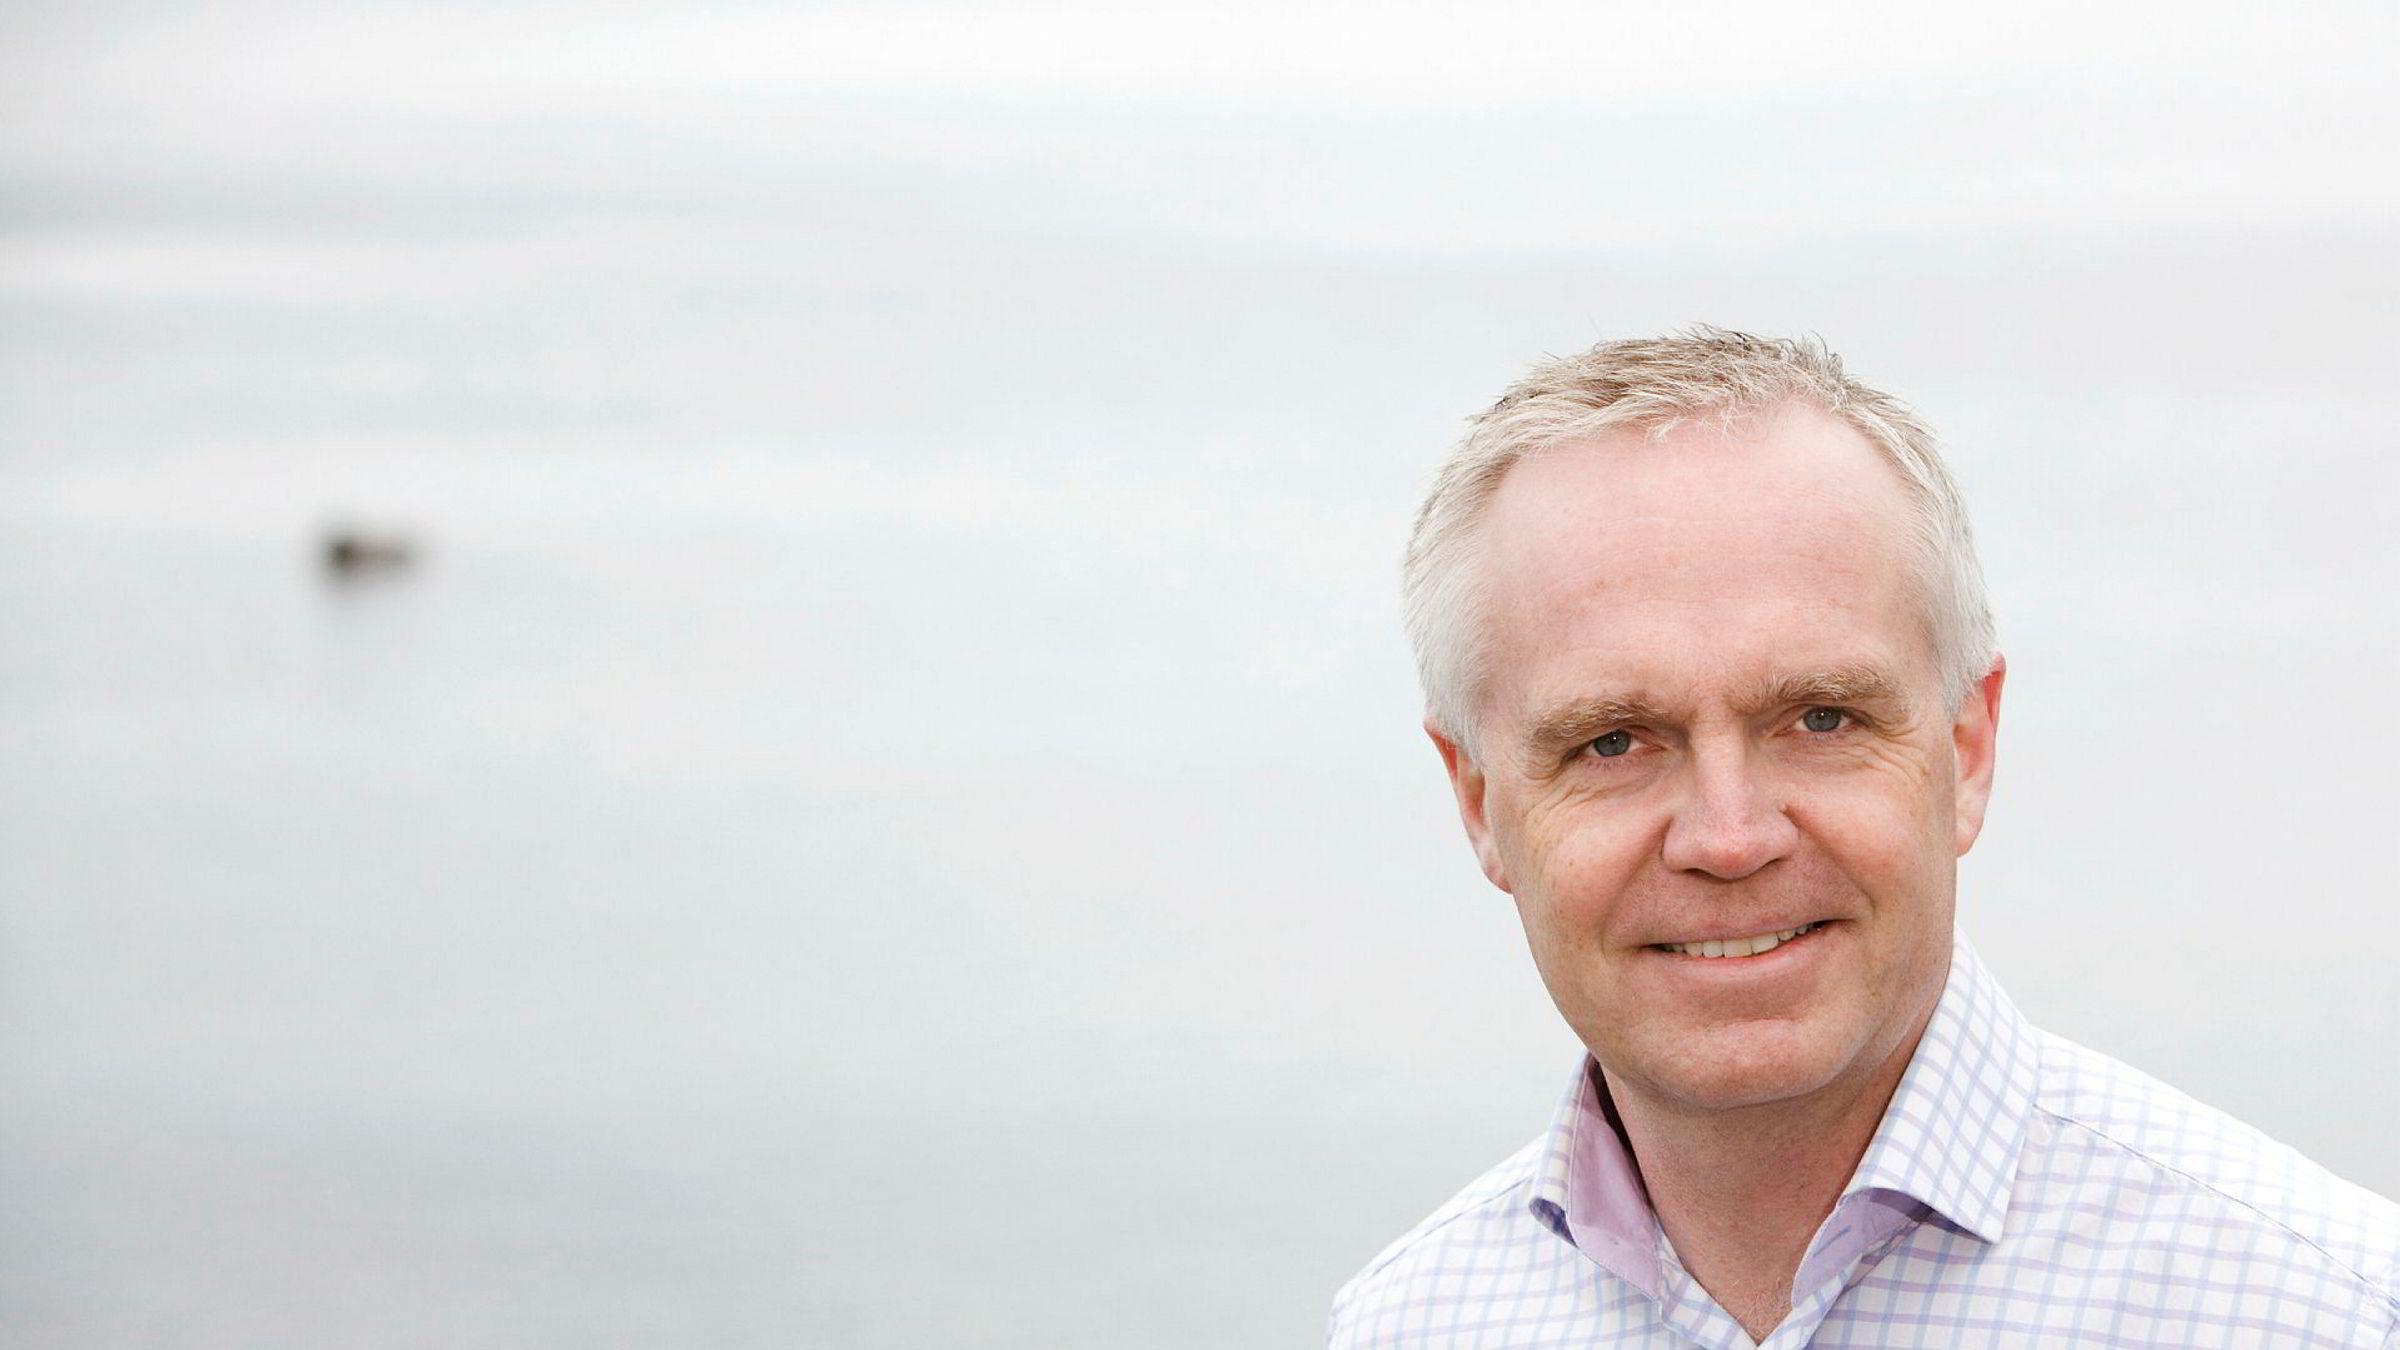 Administrerende direktør Raimond Pettersen og Komplett Bank vil på Oslo Børs.